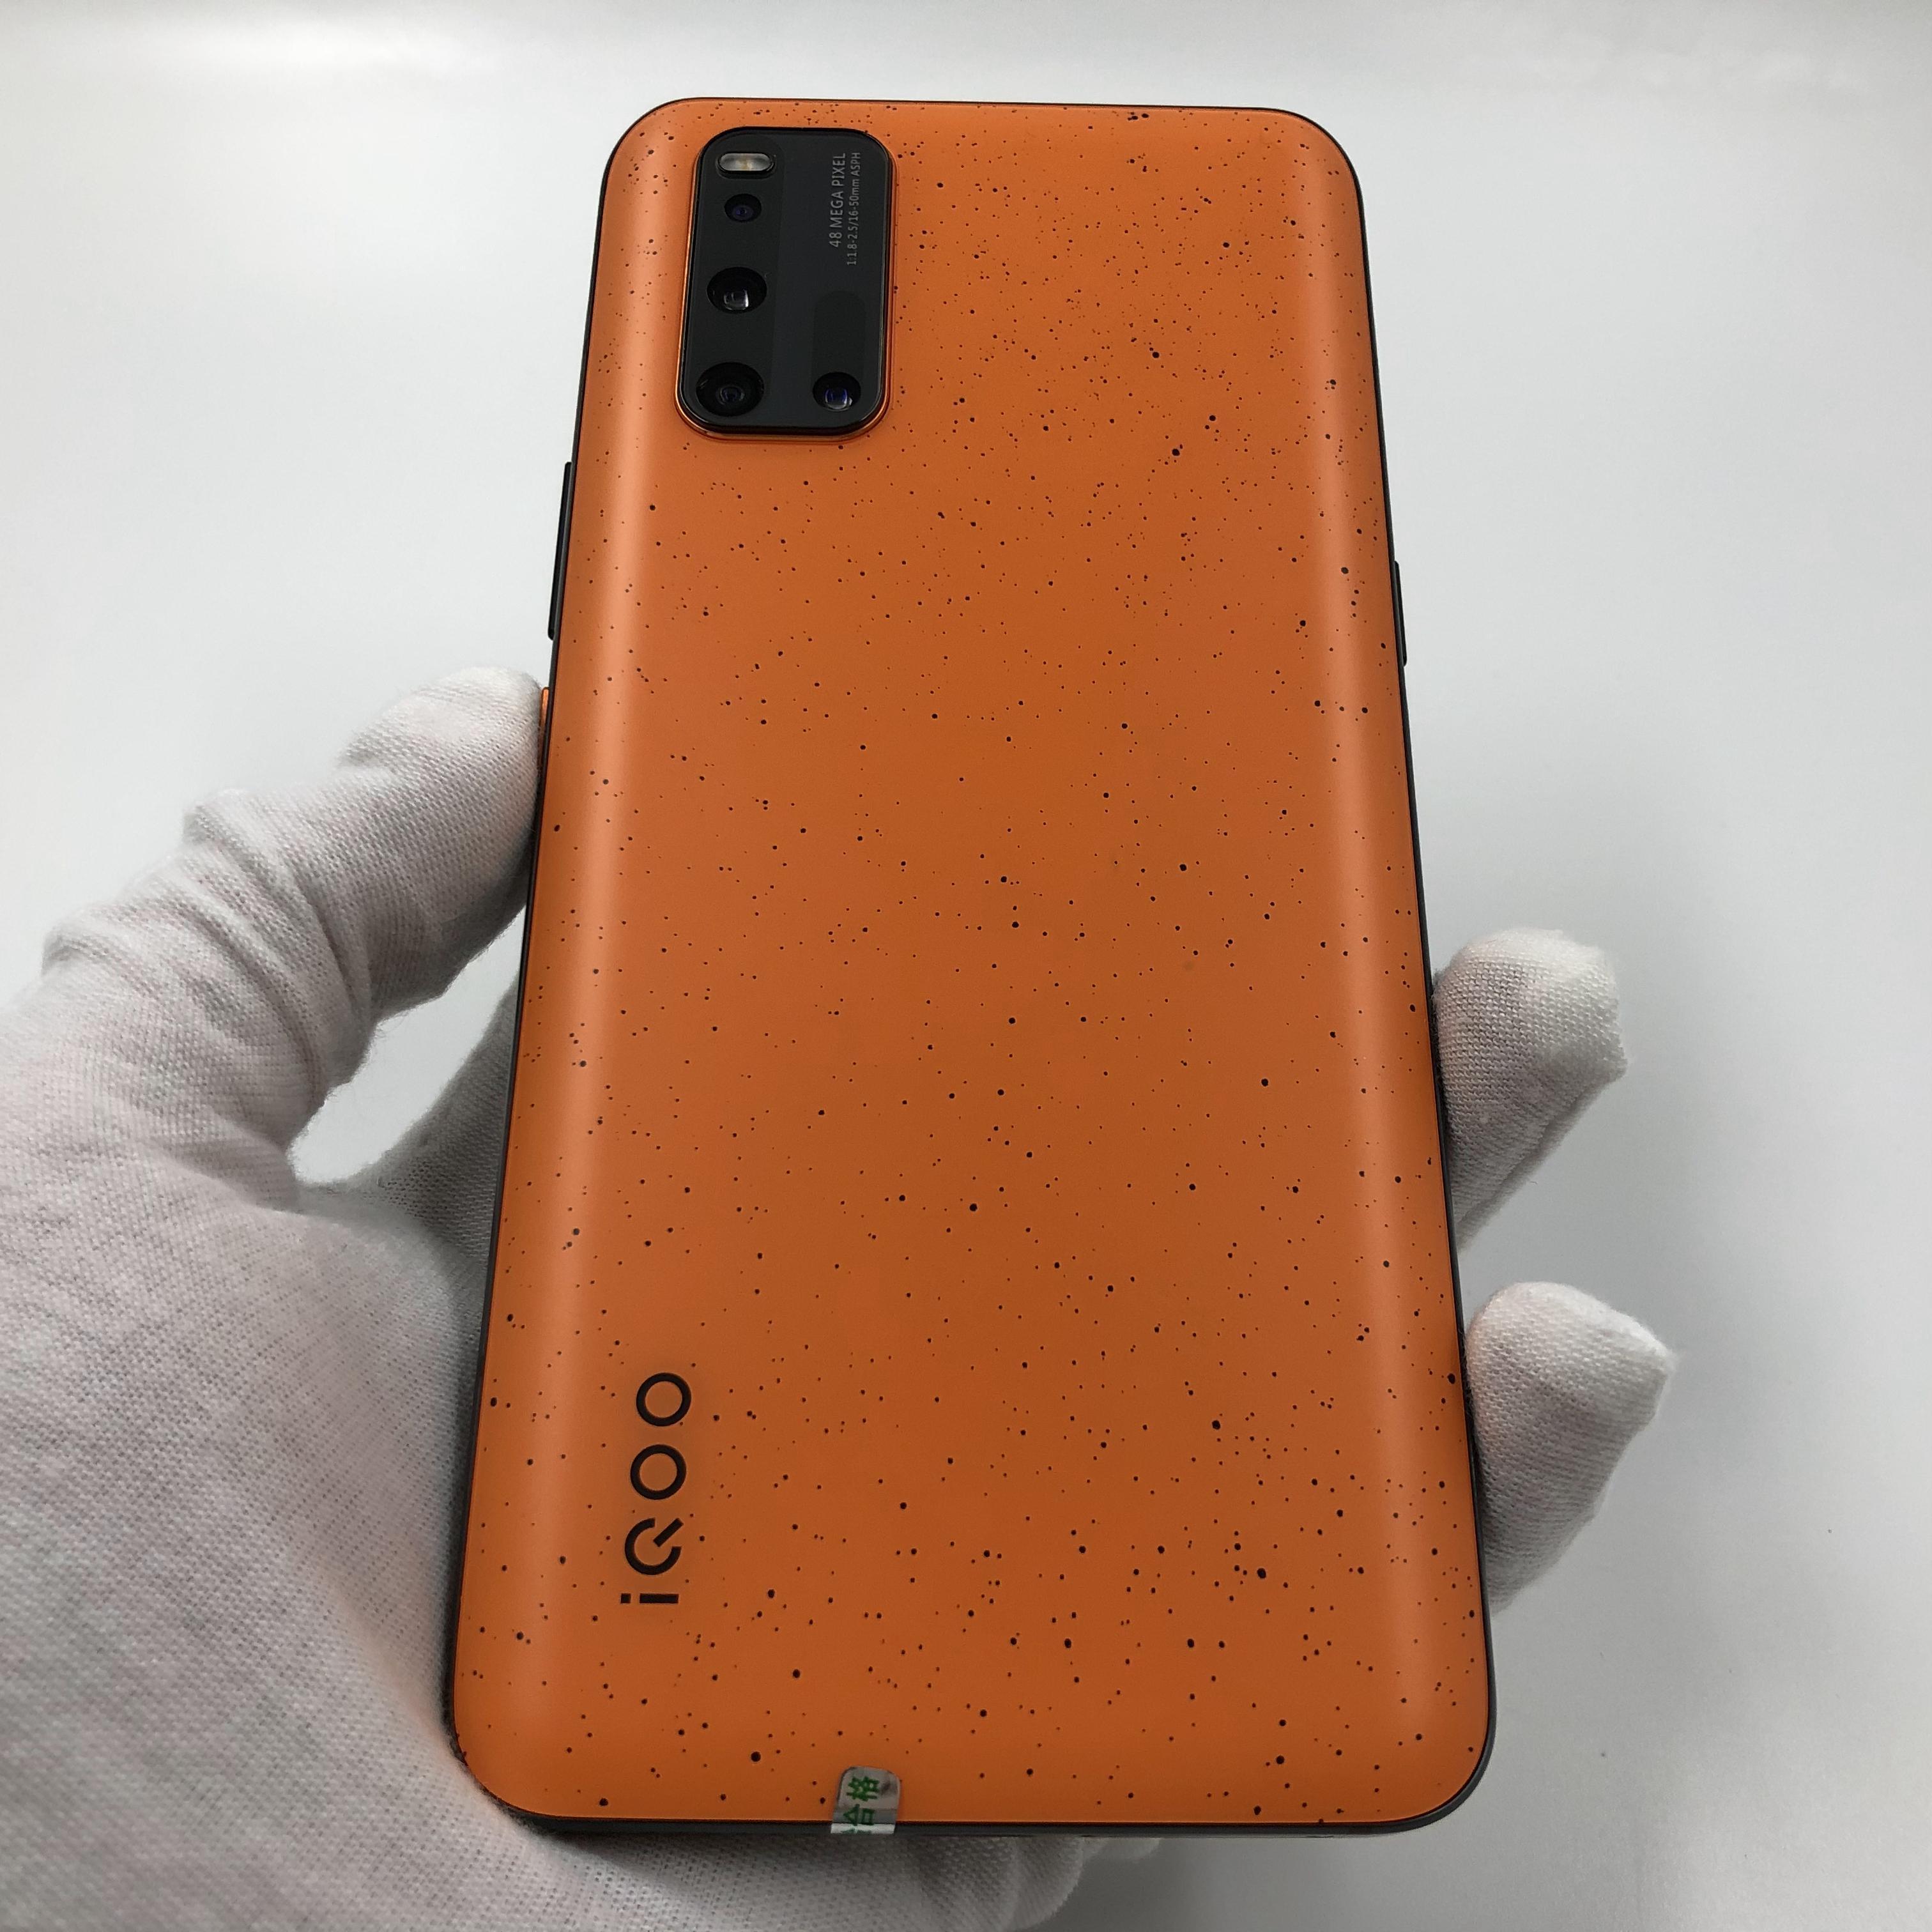 vivo【iQOO 3 5G】5G全网通 拉力橙 12G/256G 国行 8成新 真机实拍